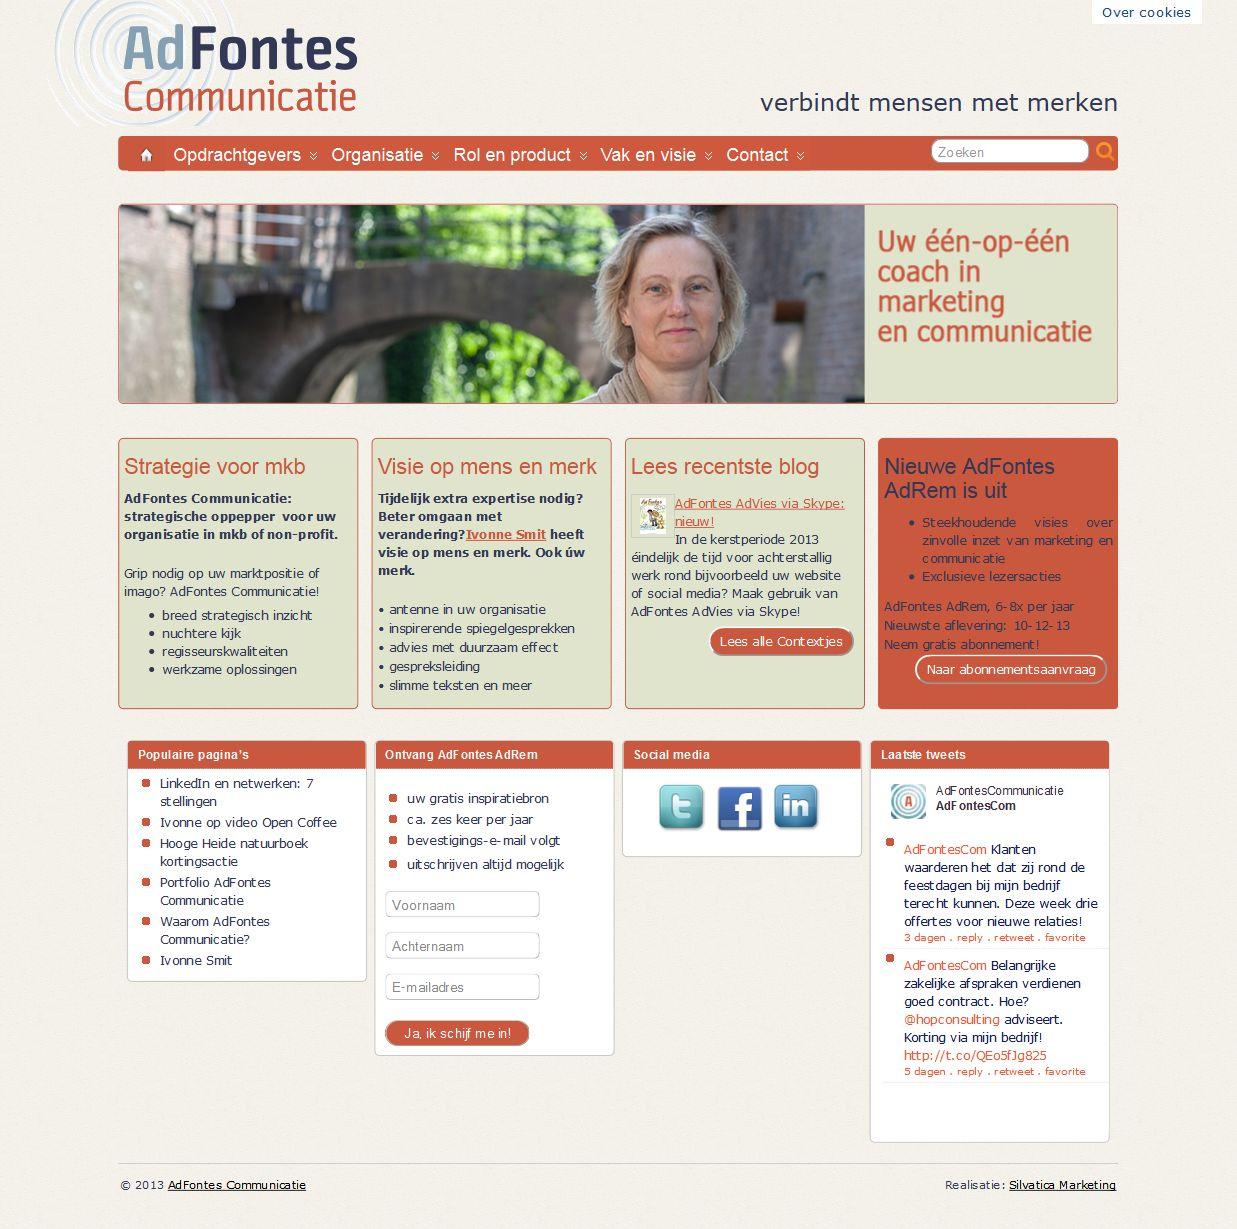 'AdFontes Communicatie verbindt mensen met merken I 's-Hertogenbosch' - adfontescommunicatie_nl